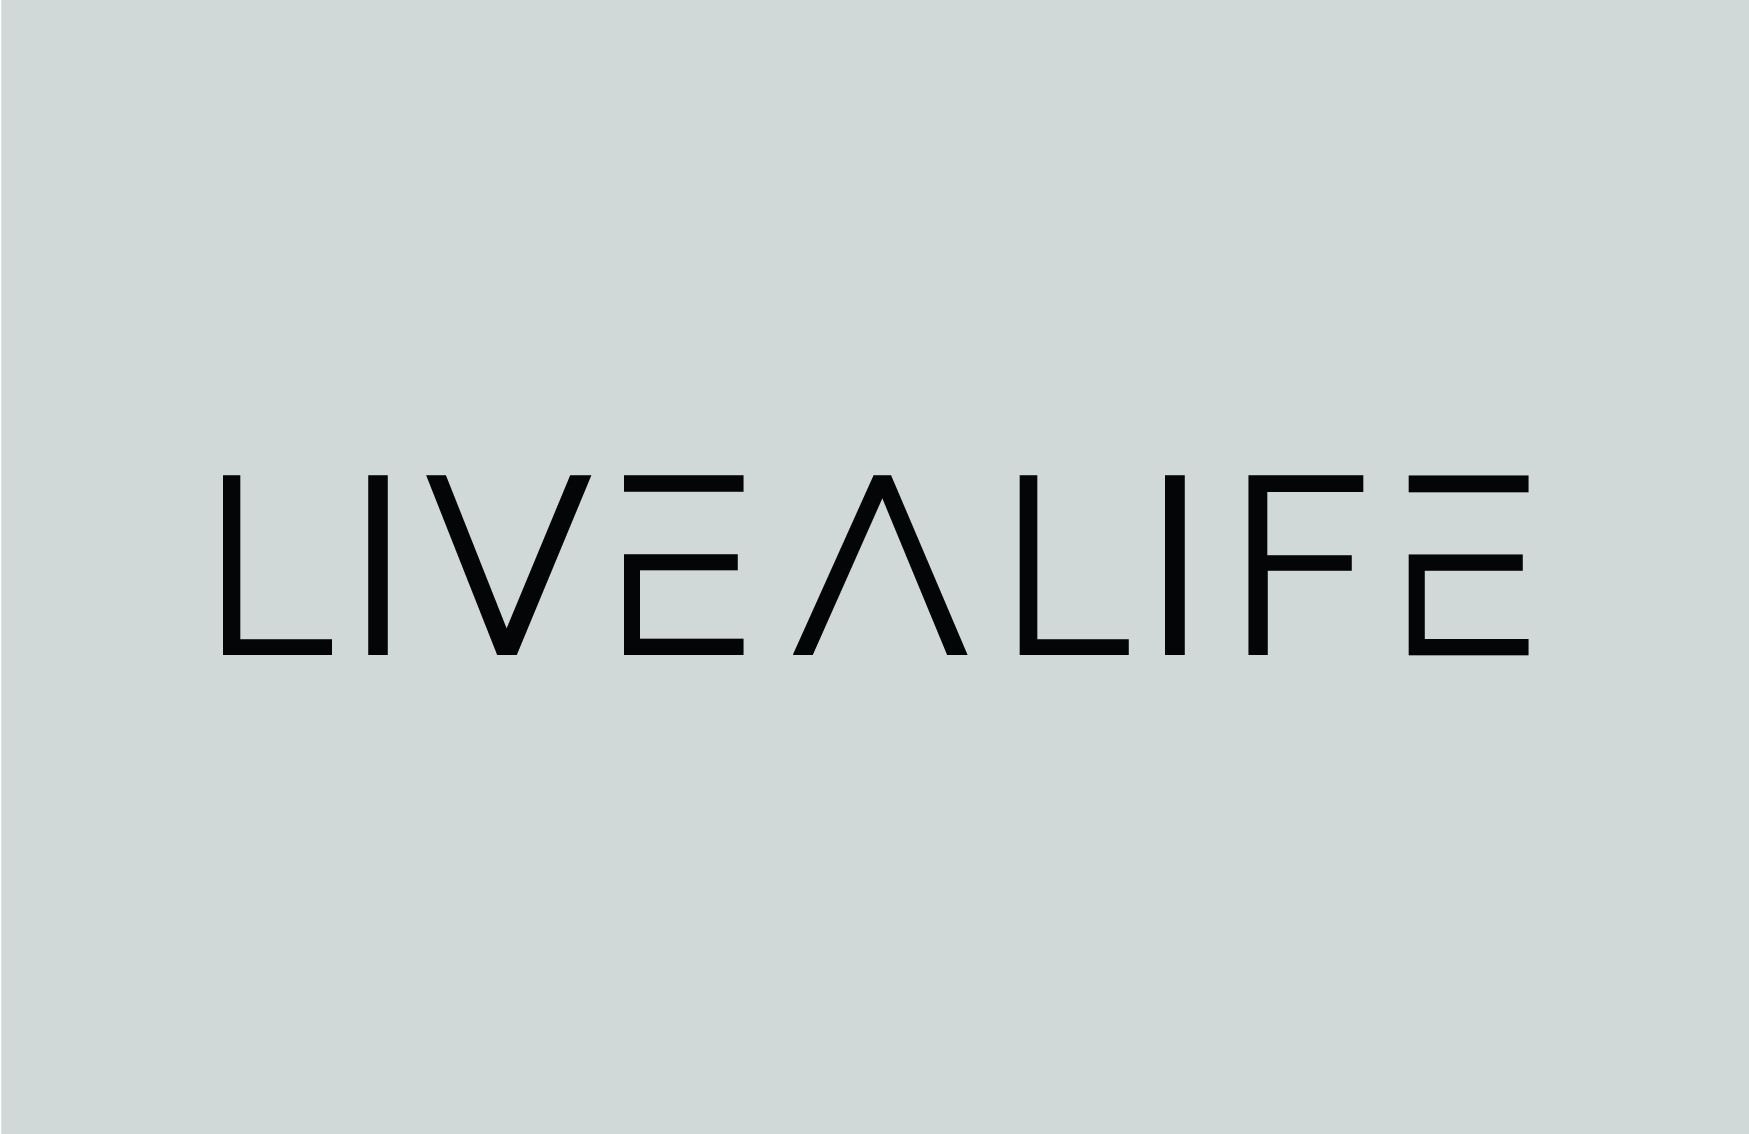 LIVEALIFE